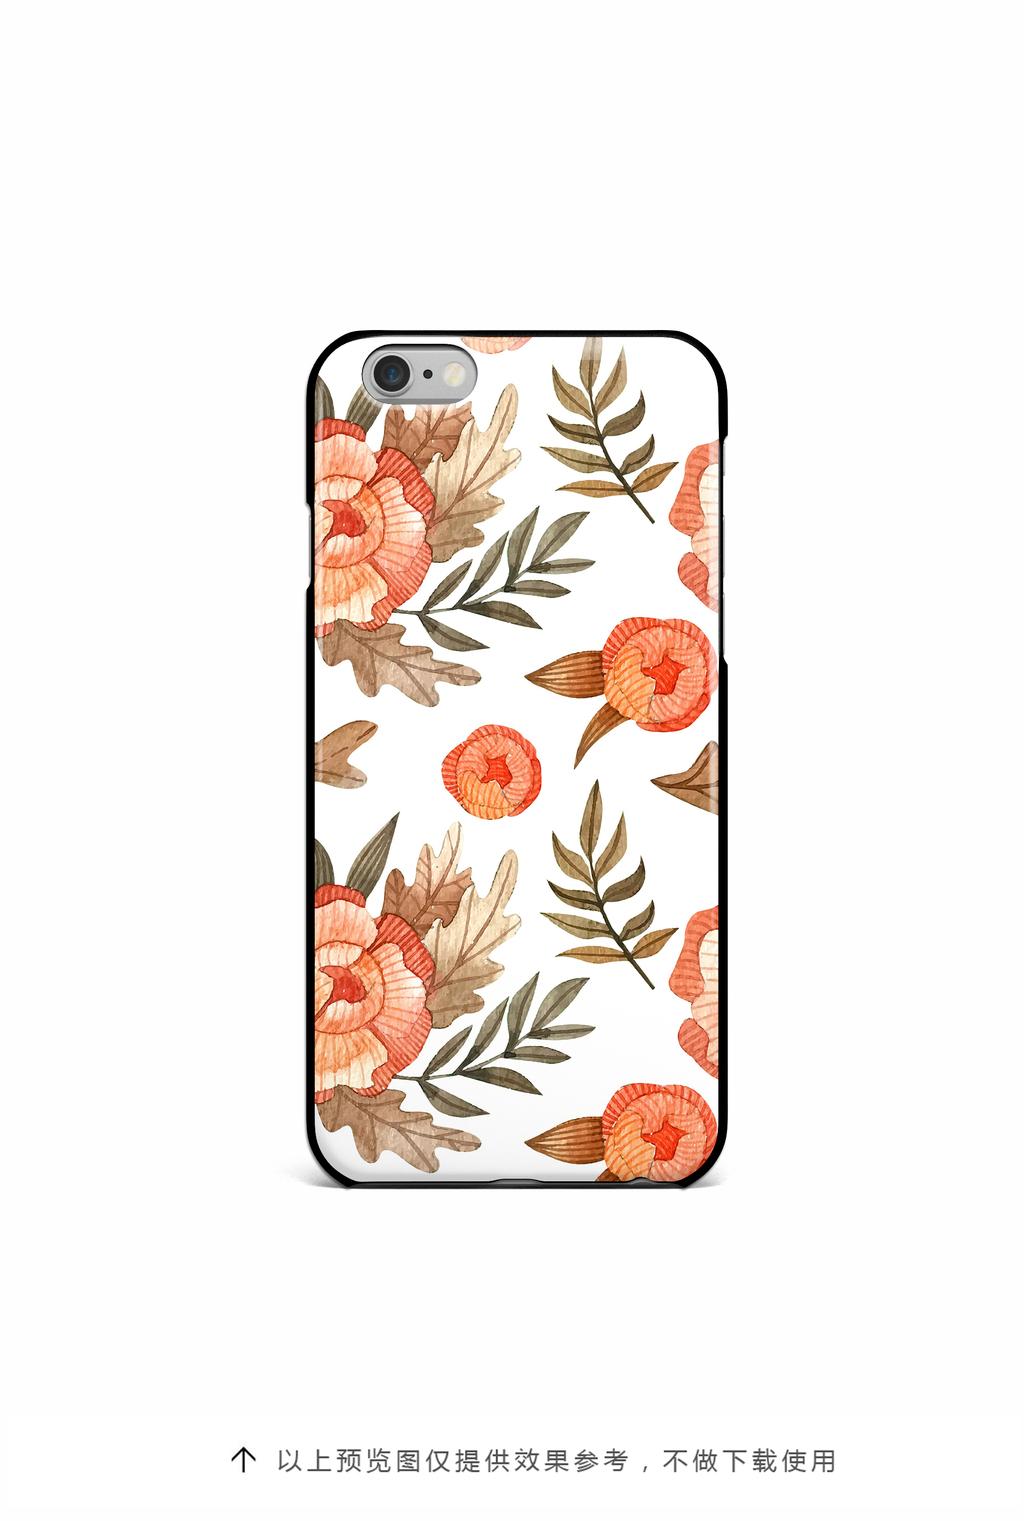 手绘水彩植物花卉手机壳图案设计